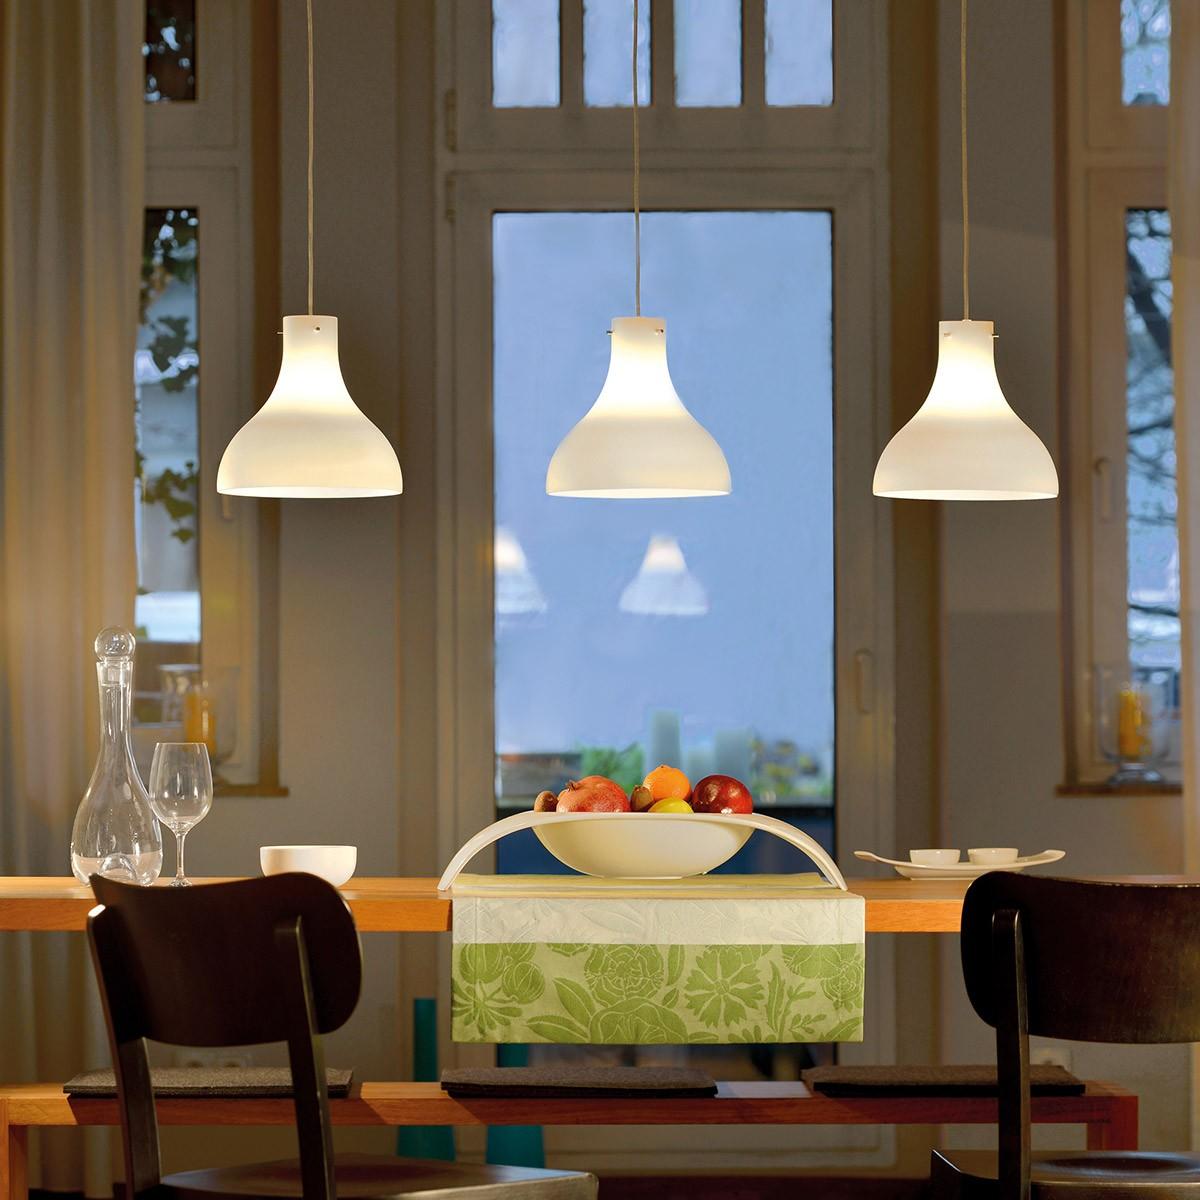 Villeroy & Boch Oslo Pendelleuchte, Glas: weiß